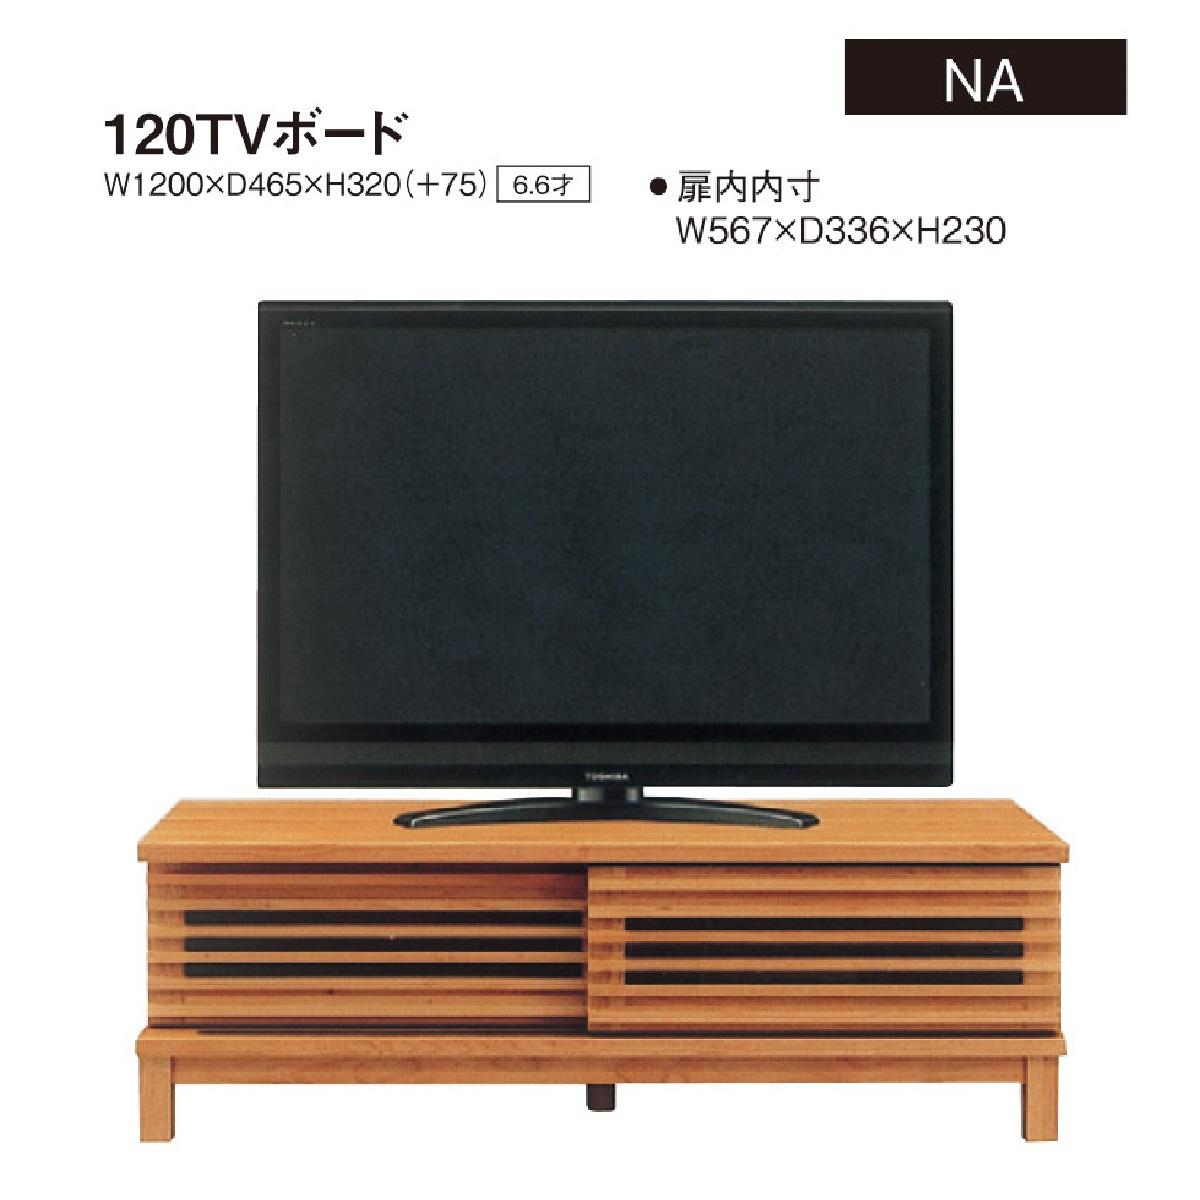 【送料無料】120 テレビボード 54型 まで アザース リビング ウォールナット テレビ TV 収納 コンパクト 大容量 木目 おしゃれ 引き出し  家具 通販 大川 日本製【国産家具】